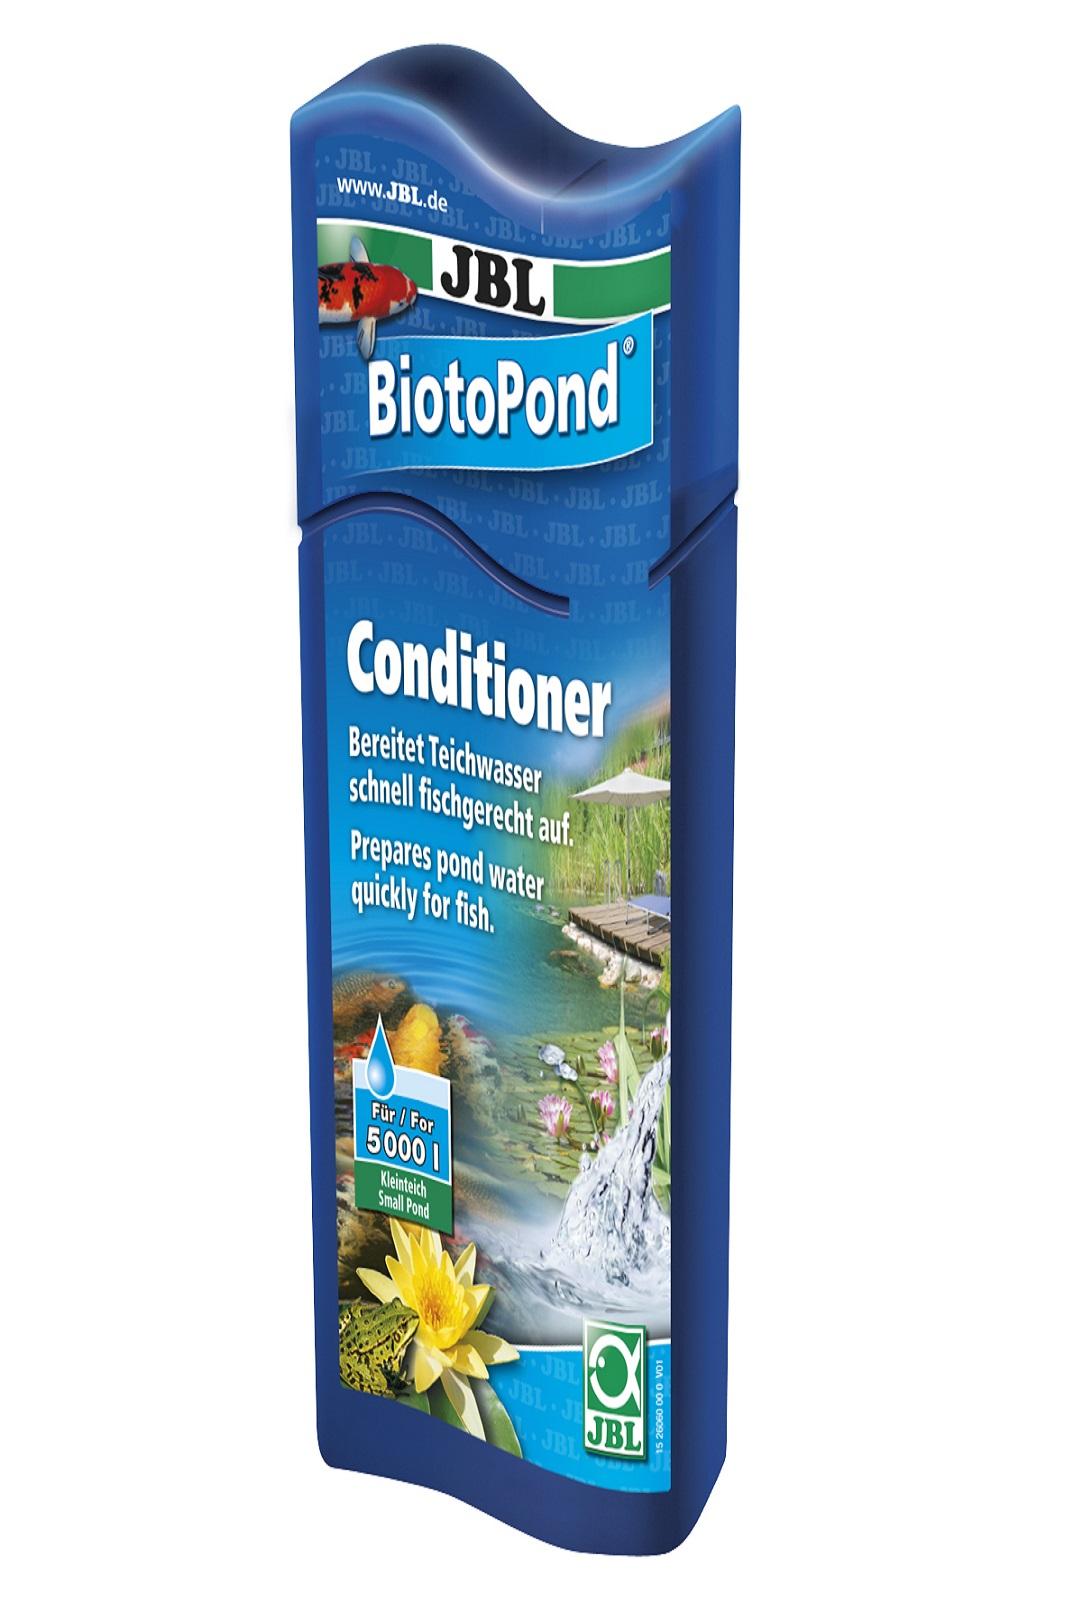 JBL BiotoPond 250 ml Wasseraufbereitung f. Teich Aufbereitung Teichwasser